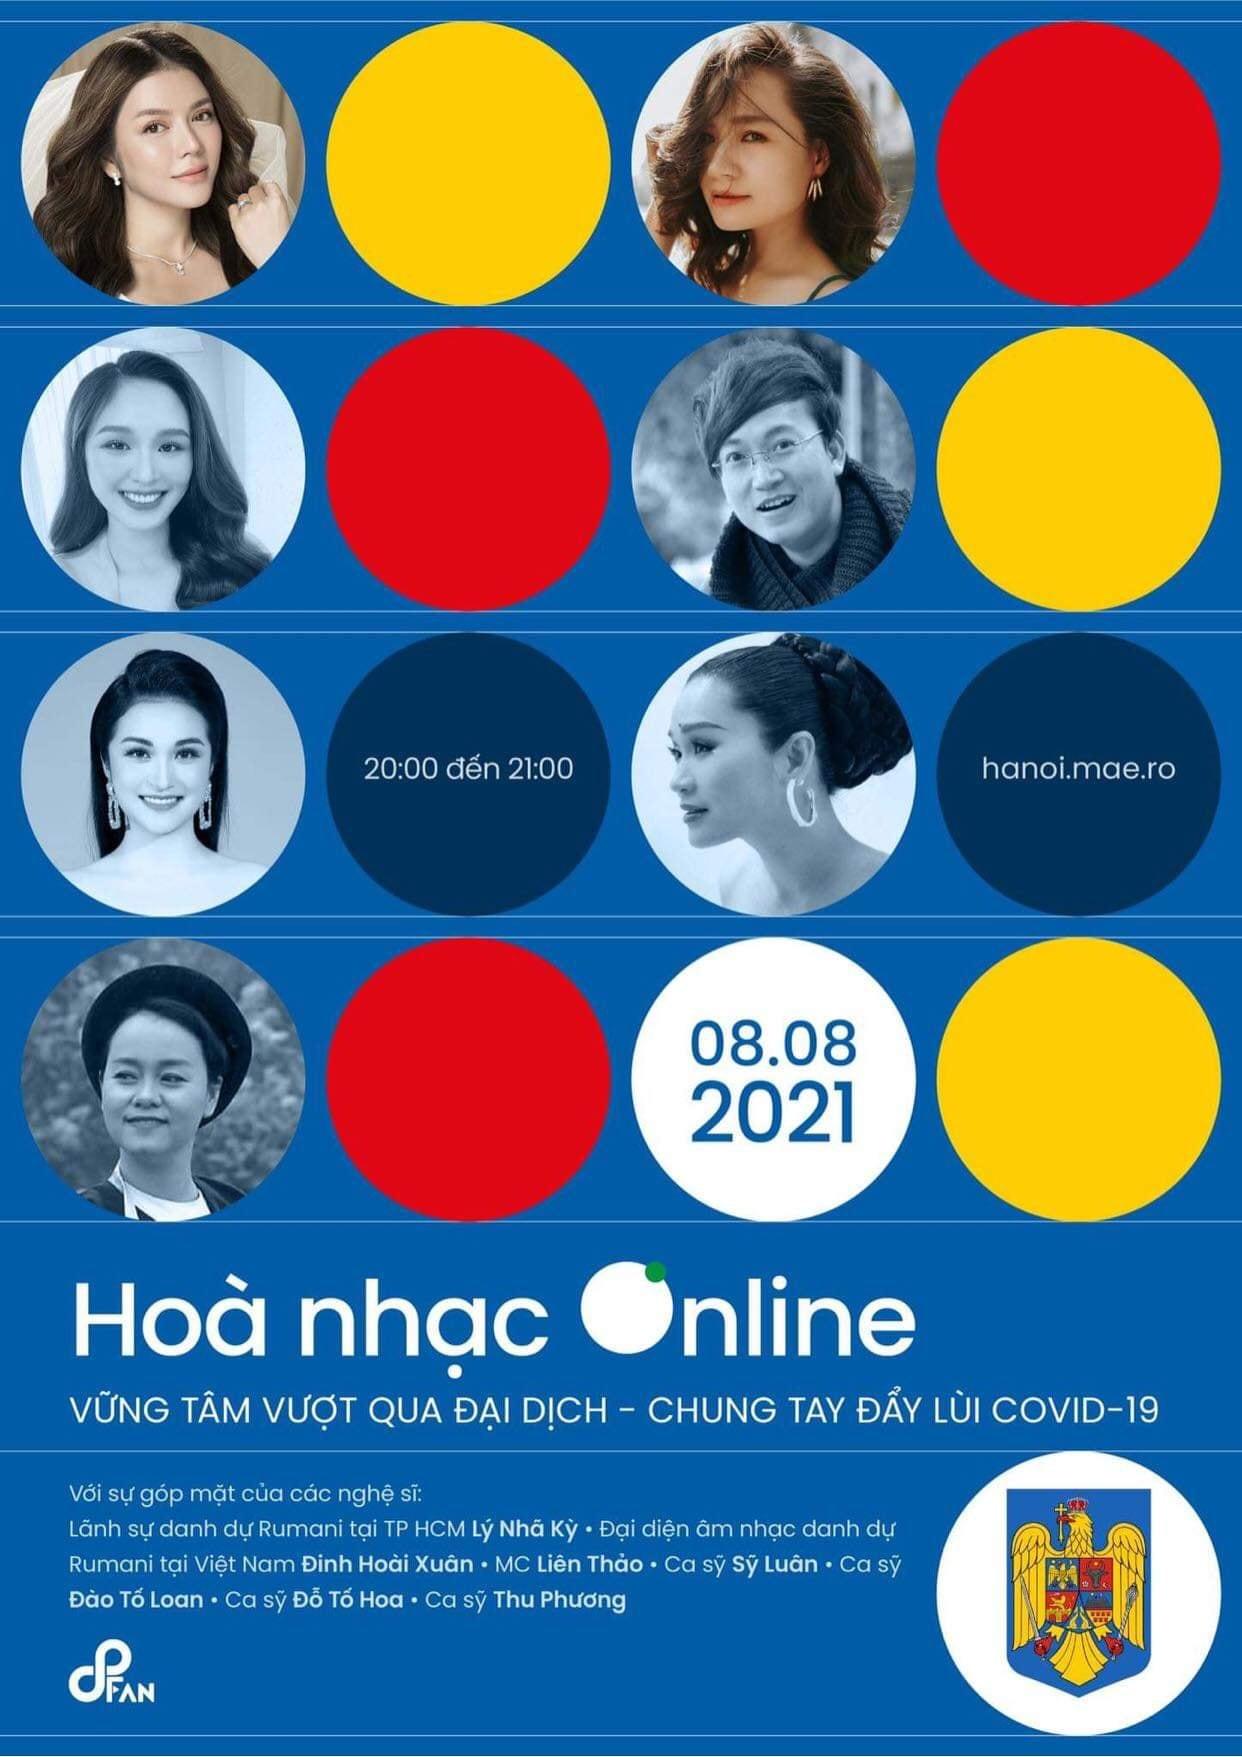 Đại sứ Rumani tổ chức hòa nhạc online cổ vũ Việt Nam chống dịch - Ảnh 2.